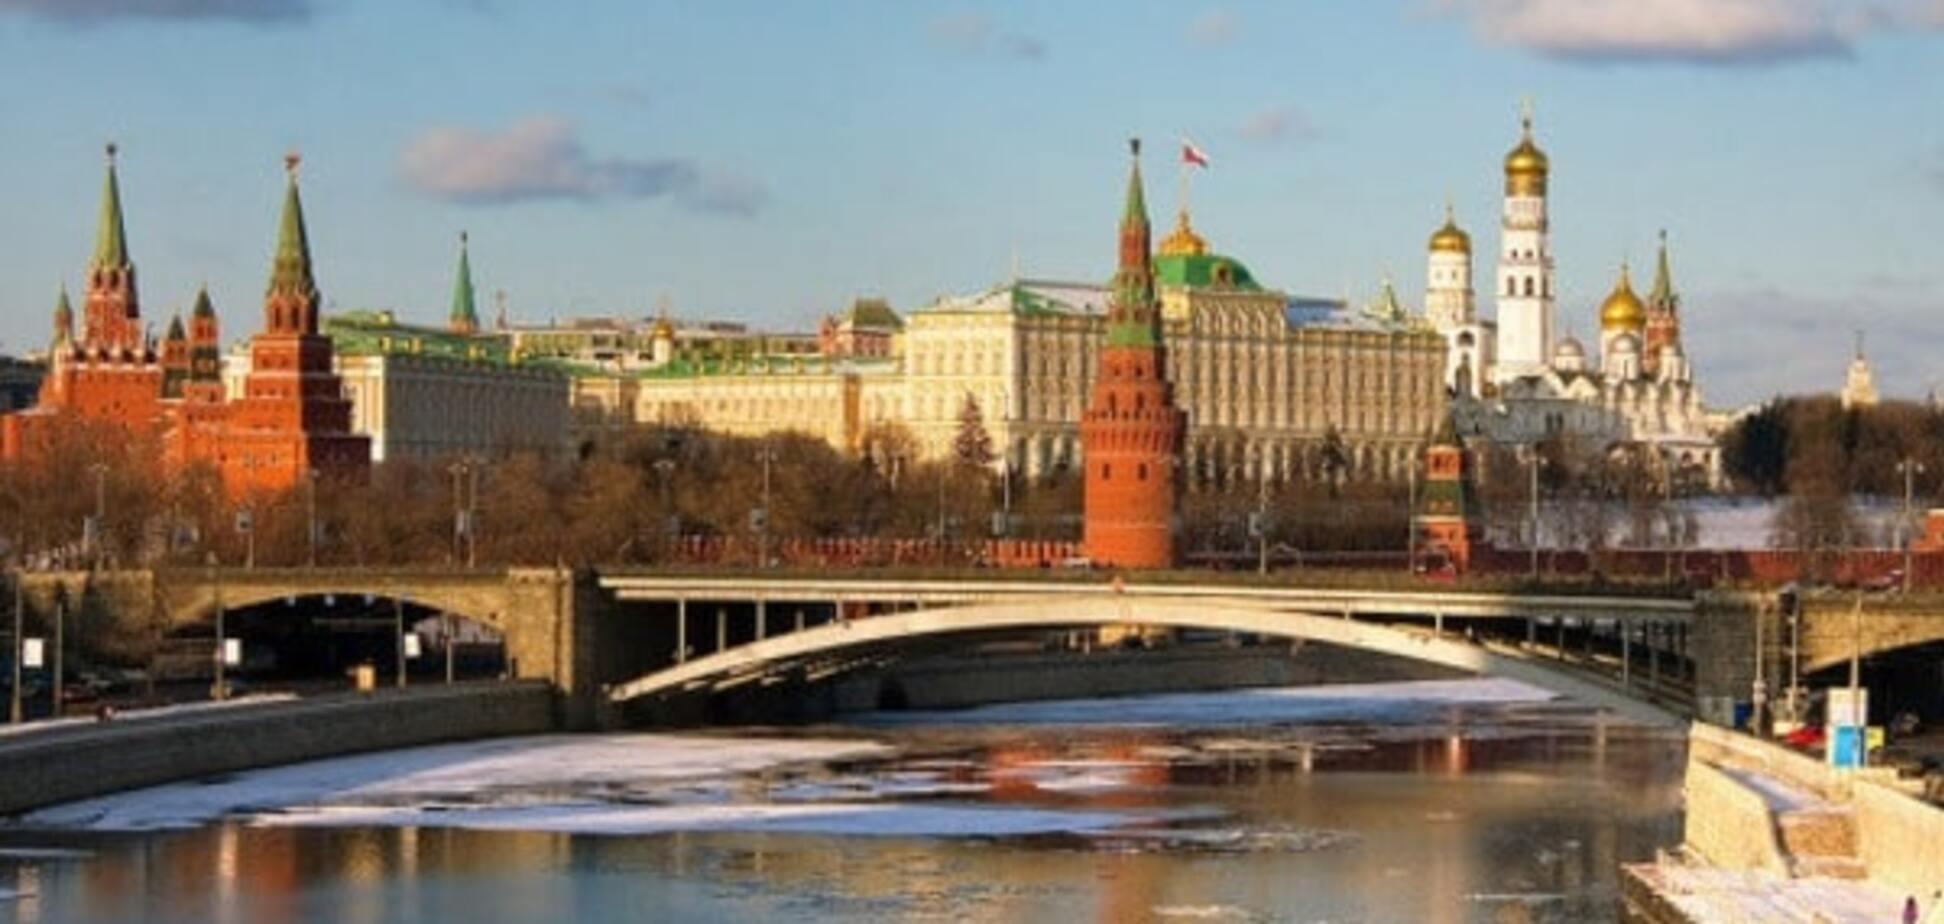 Уязвимая Москва: генерал сравнил возможности ПРО России и НАТО